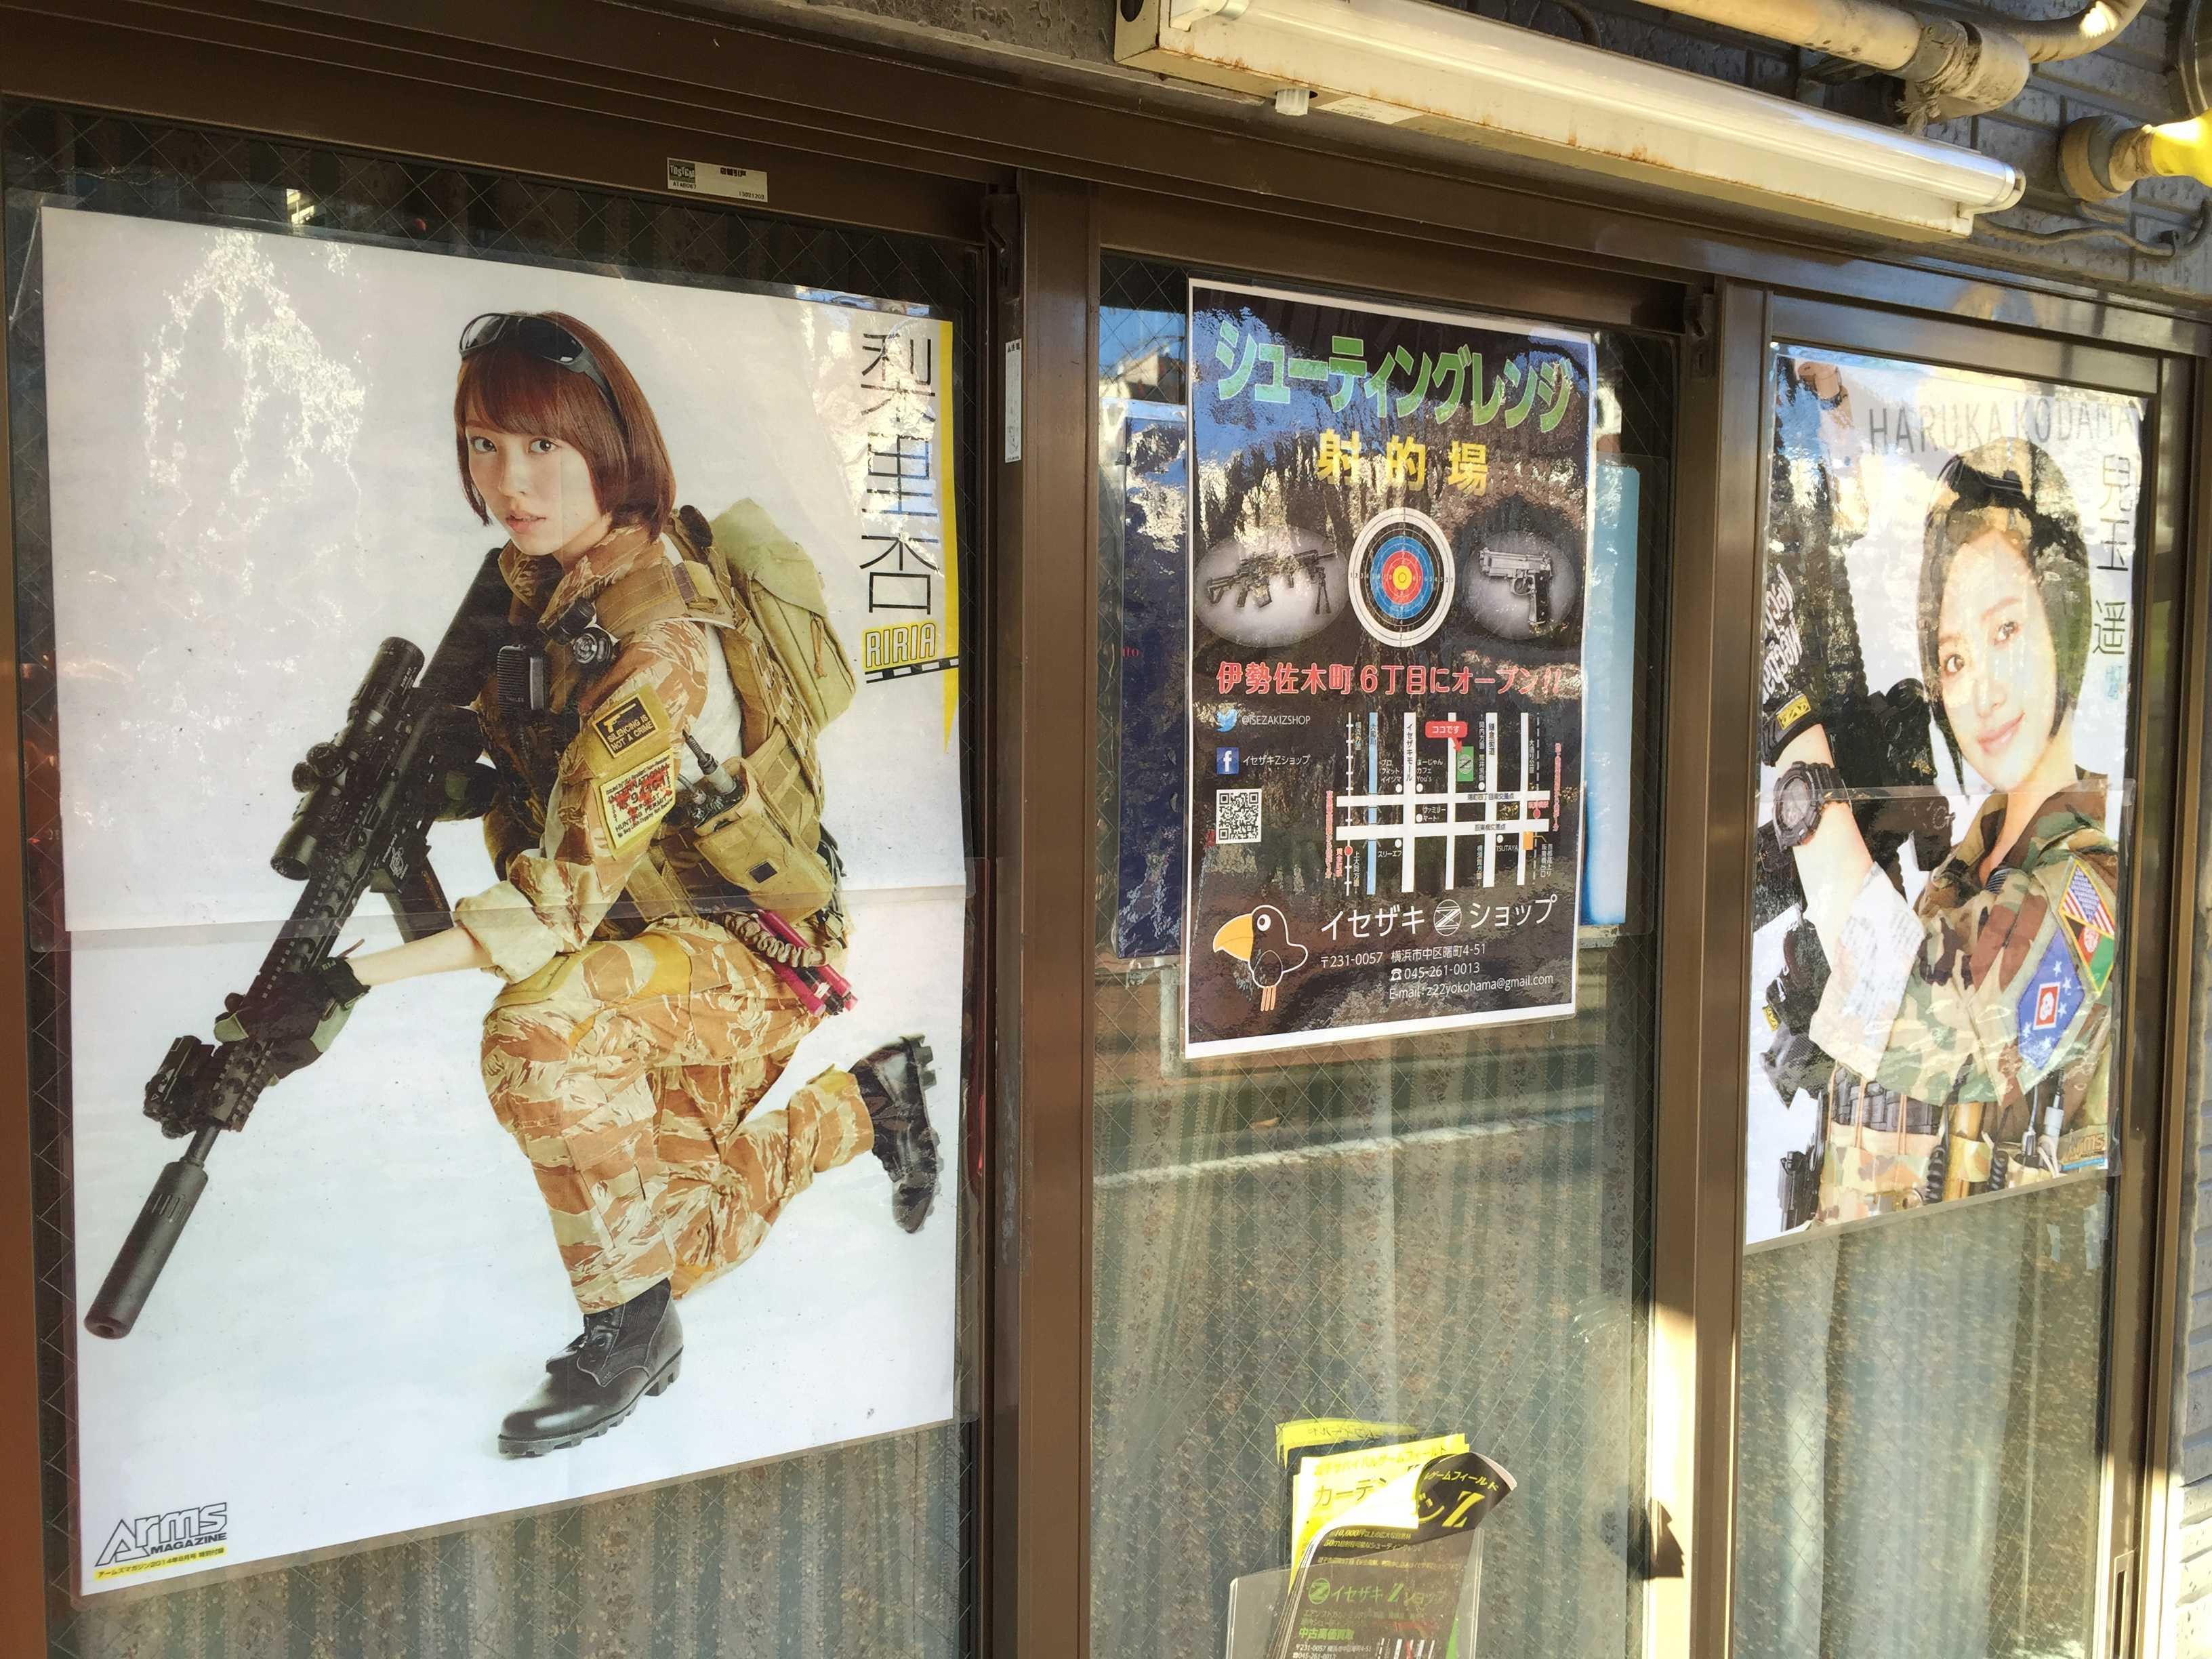 シューティングレンジ 射的場の宣伝ポスター